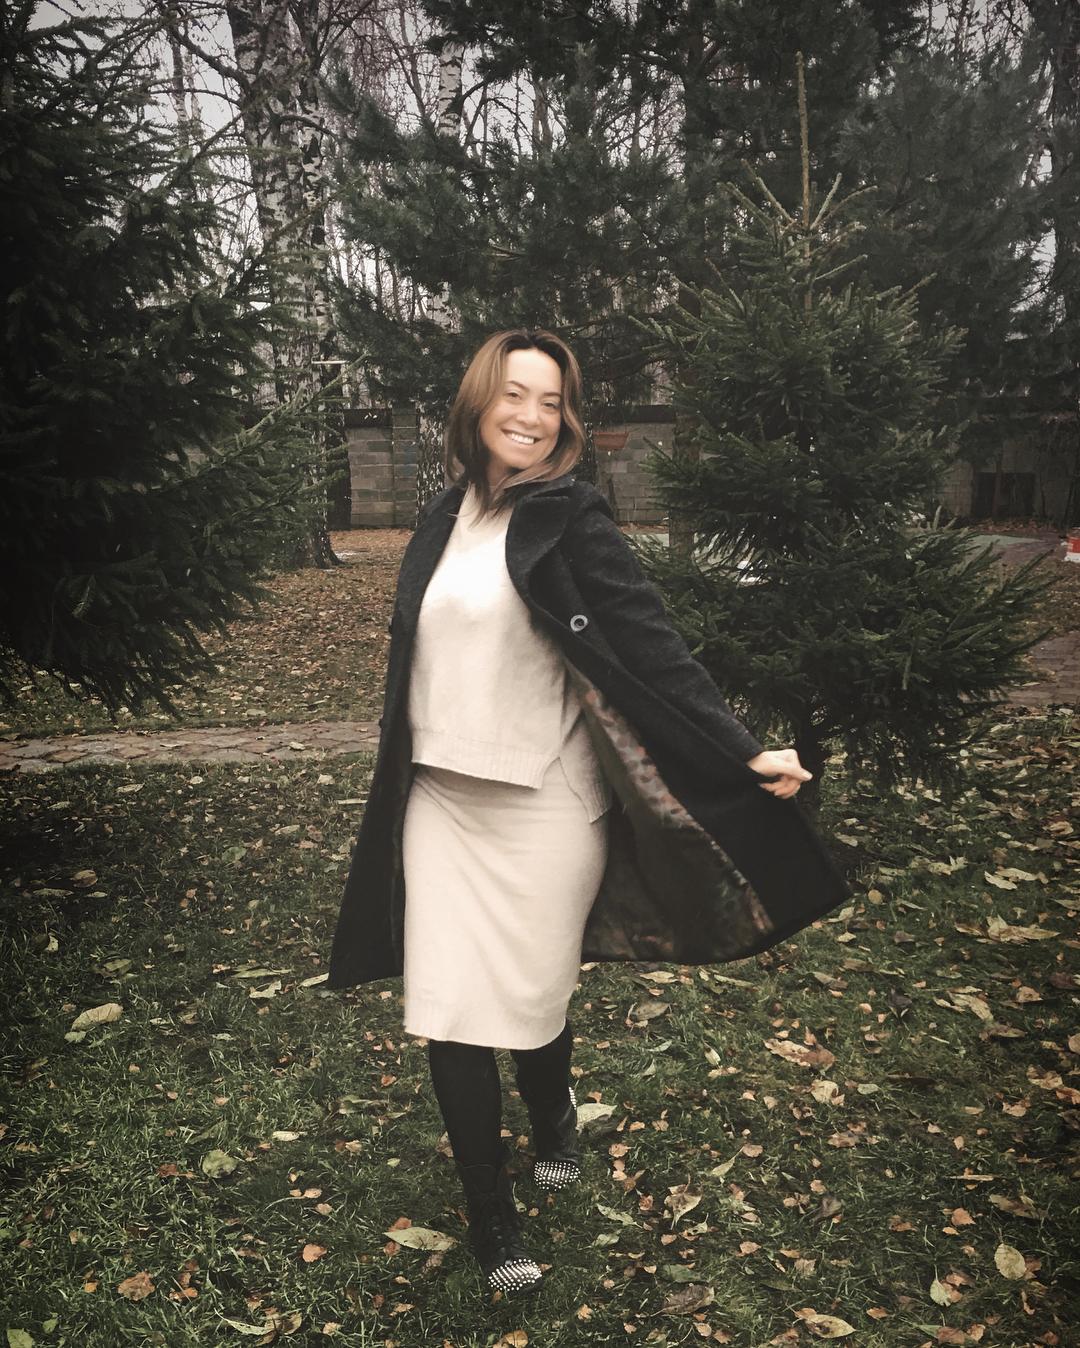 После многолетнего перерыва сестра Жанны Фриске вернулась к поклонникам с новой песней